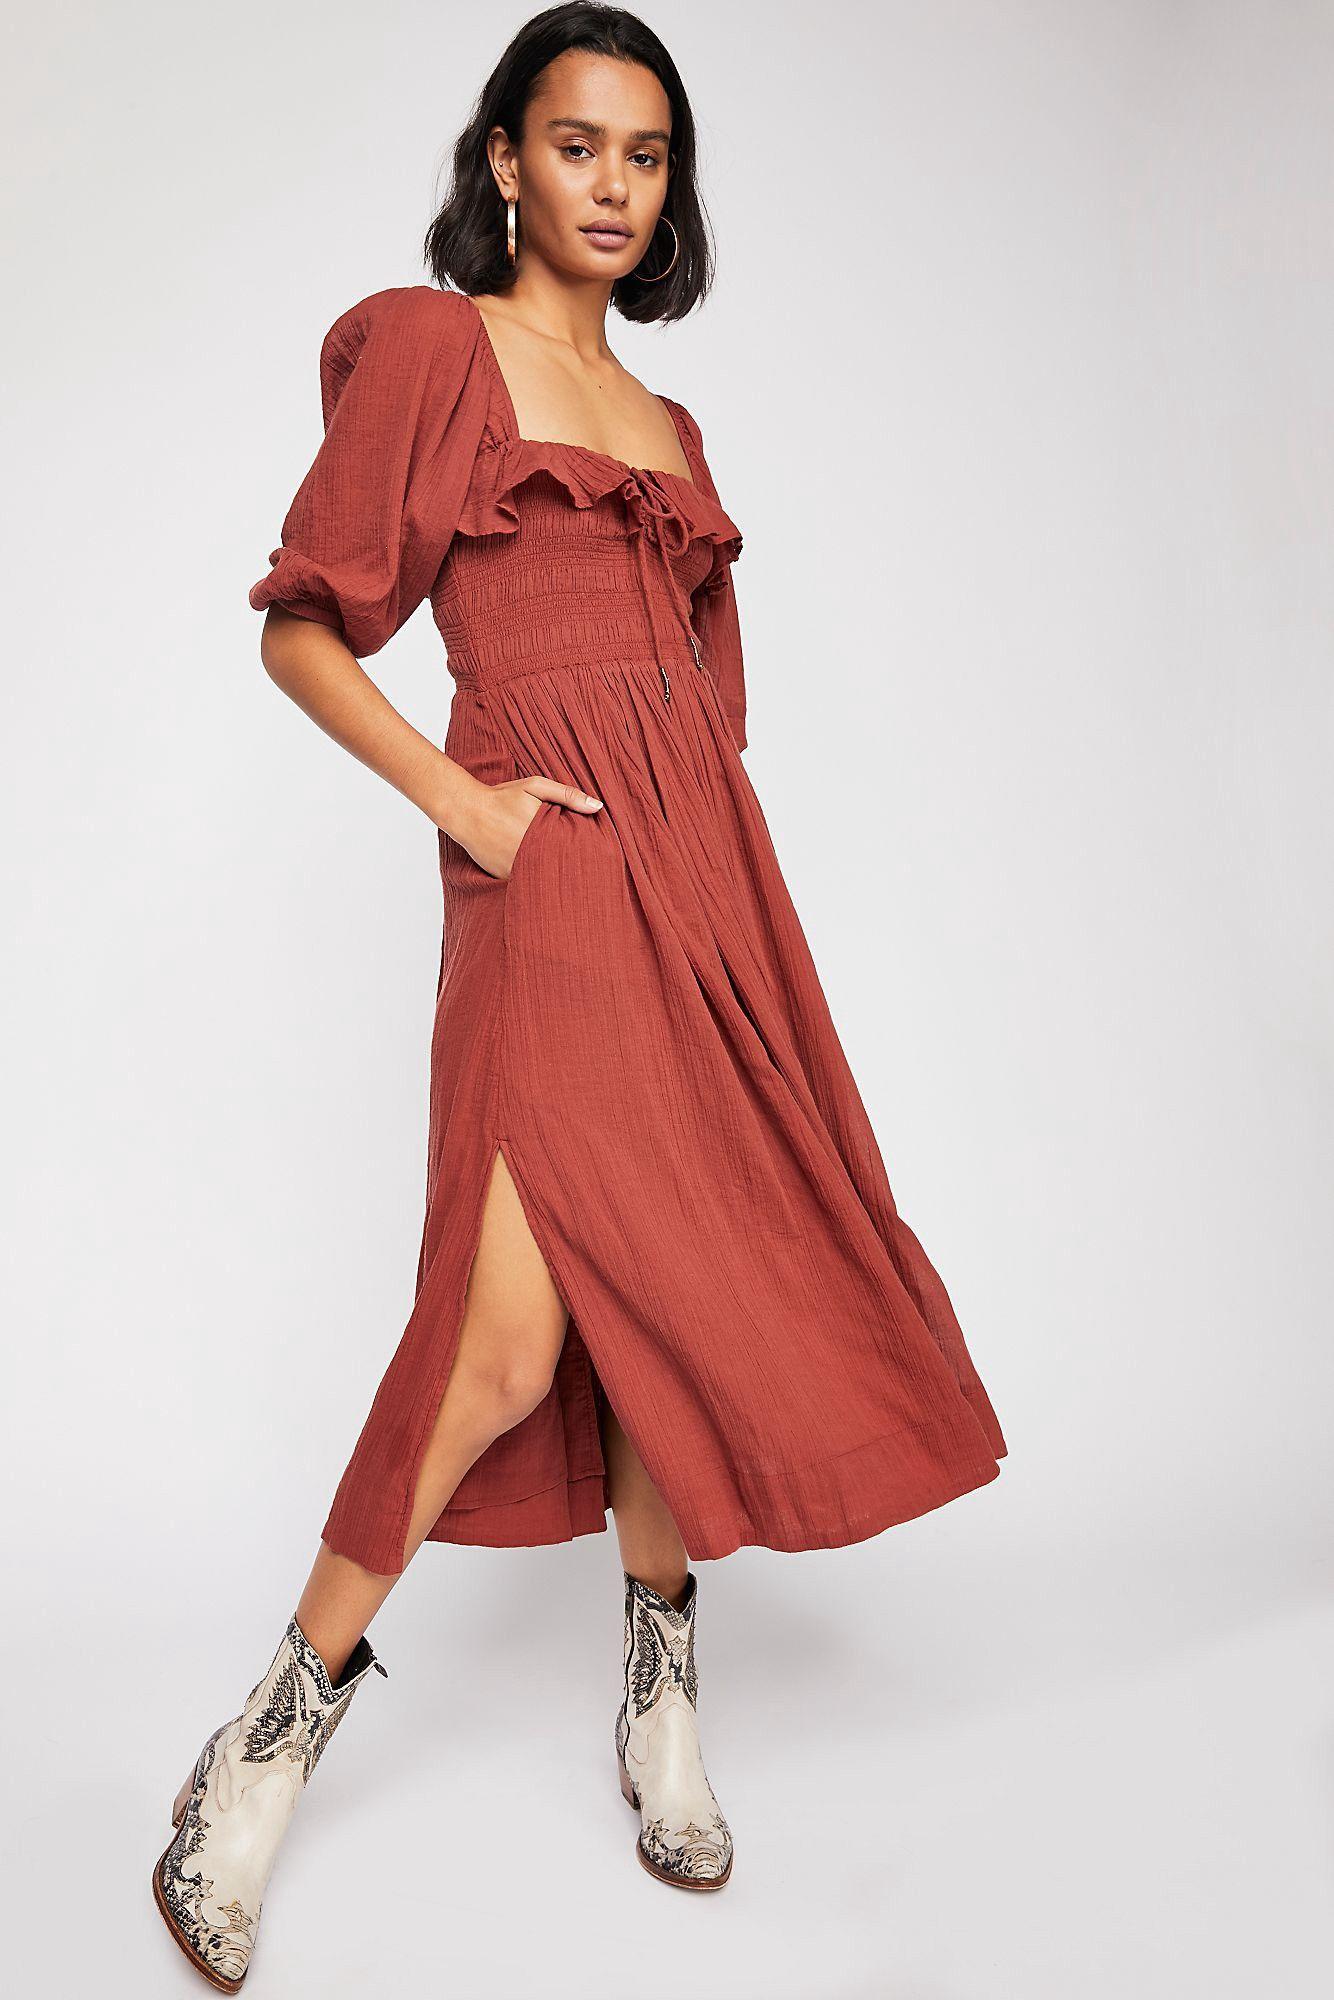 27abbb15fb4c Free People Oasis Midi Dress - L | Products | Dresses, Fashion, Fall ...